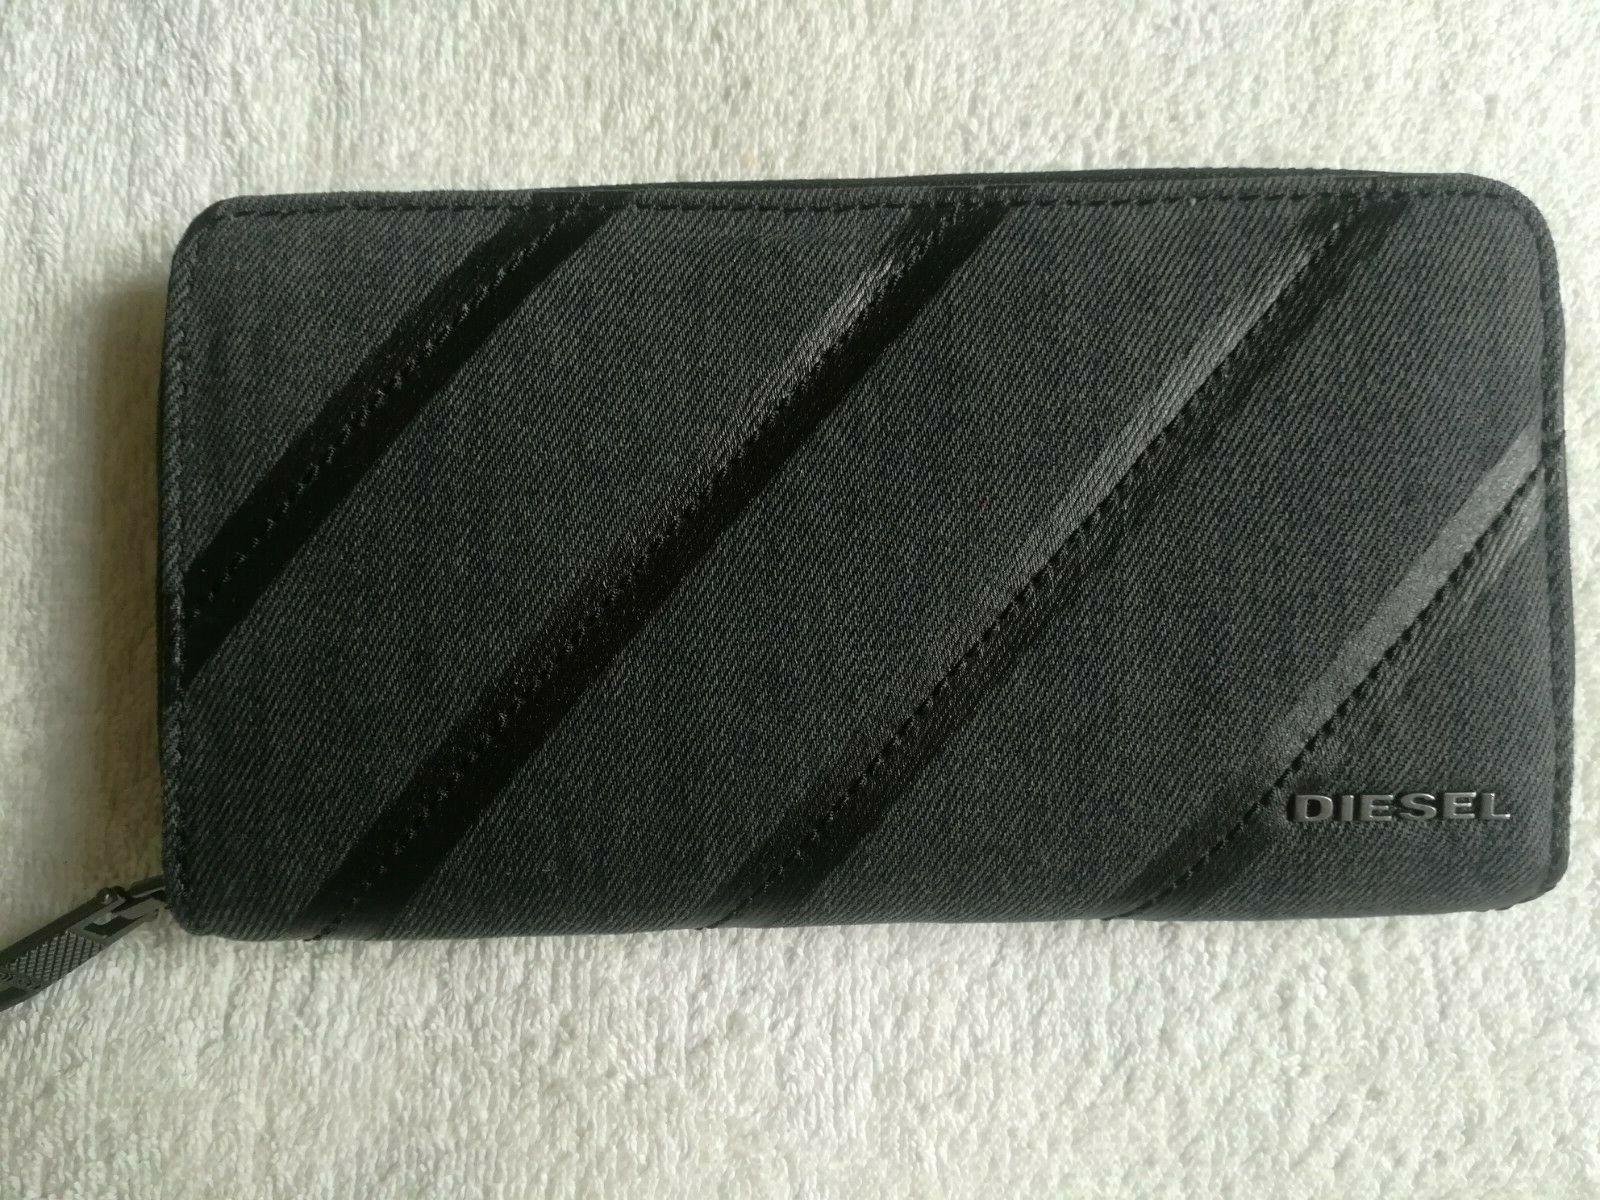 Envelope Wallet Diesel,Black,100%Cotton/Leather,Zip,Around,Women's